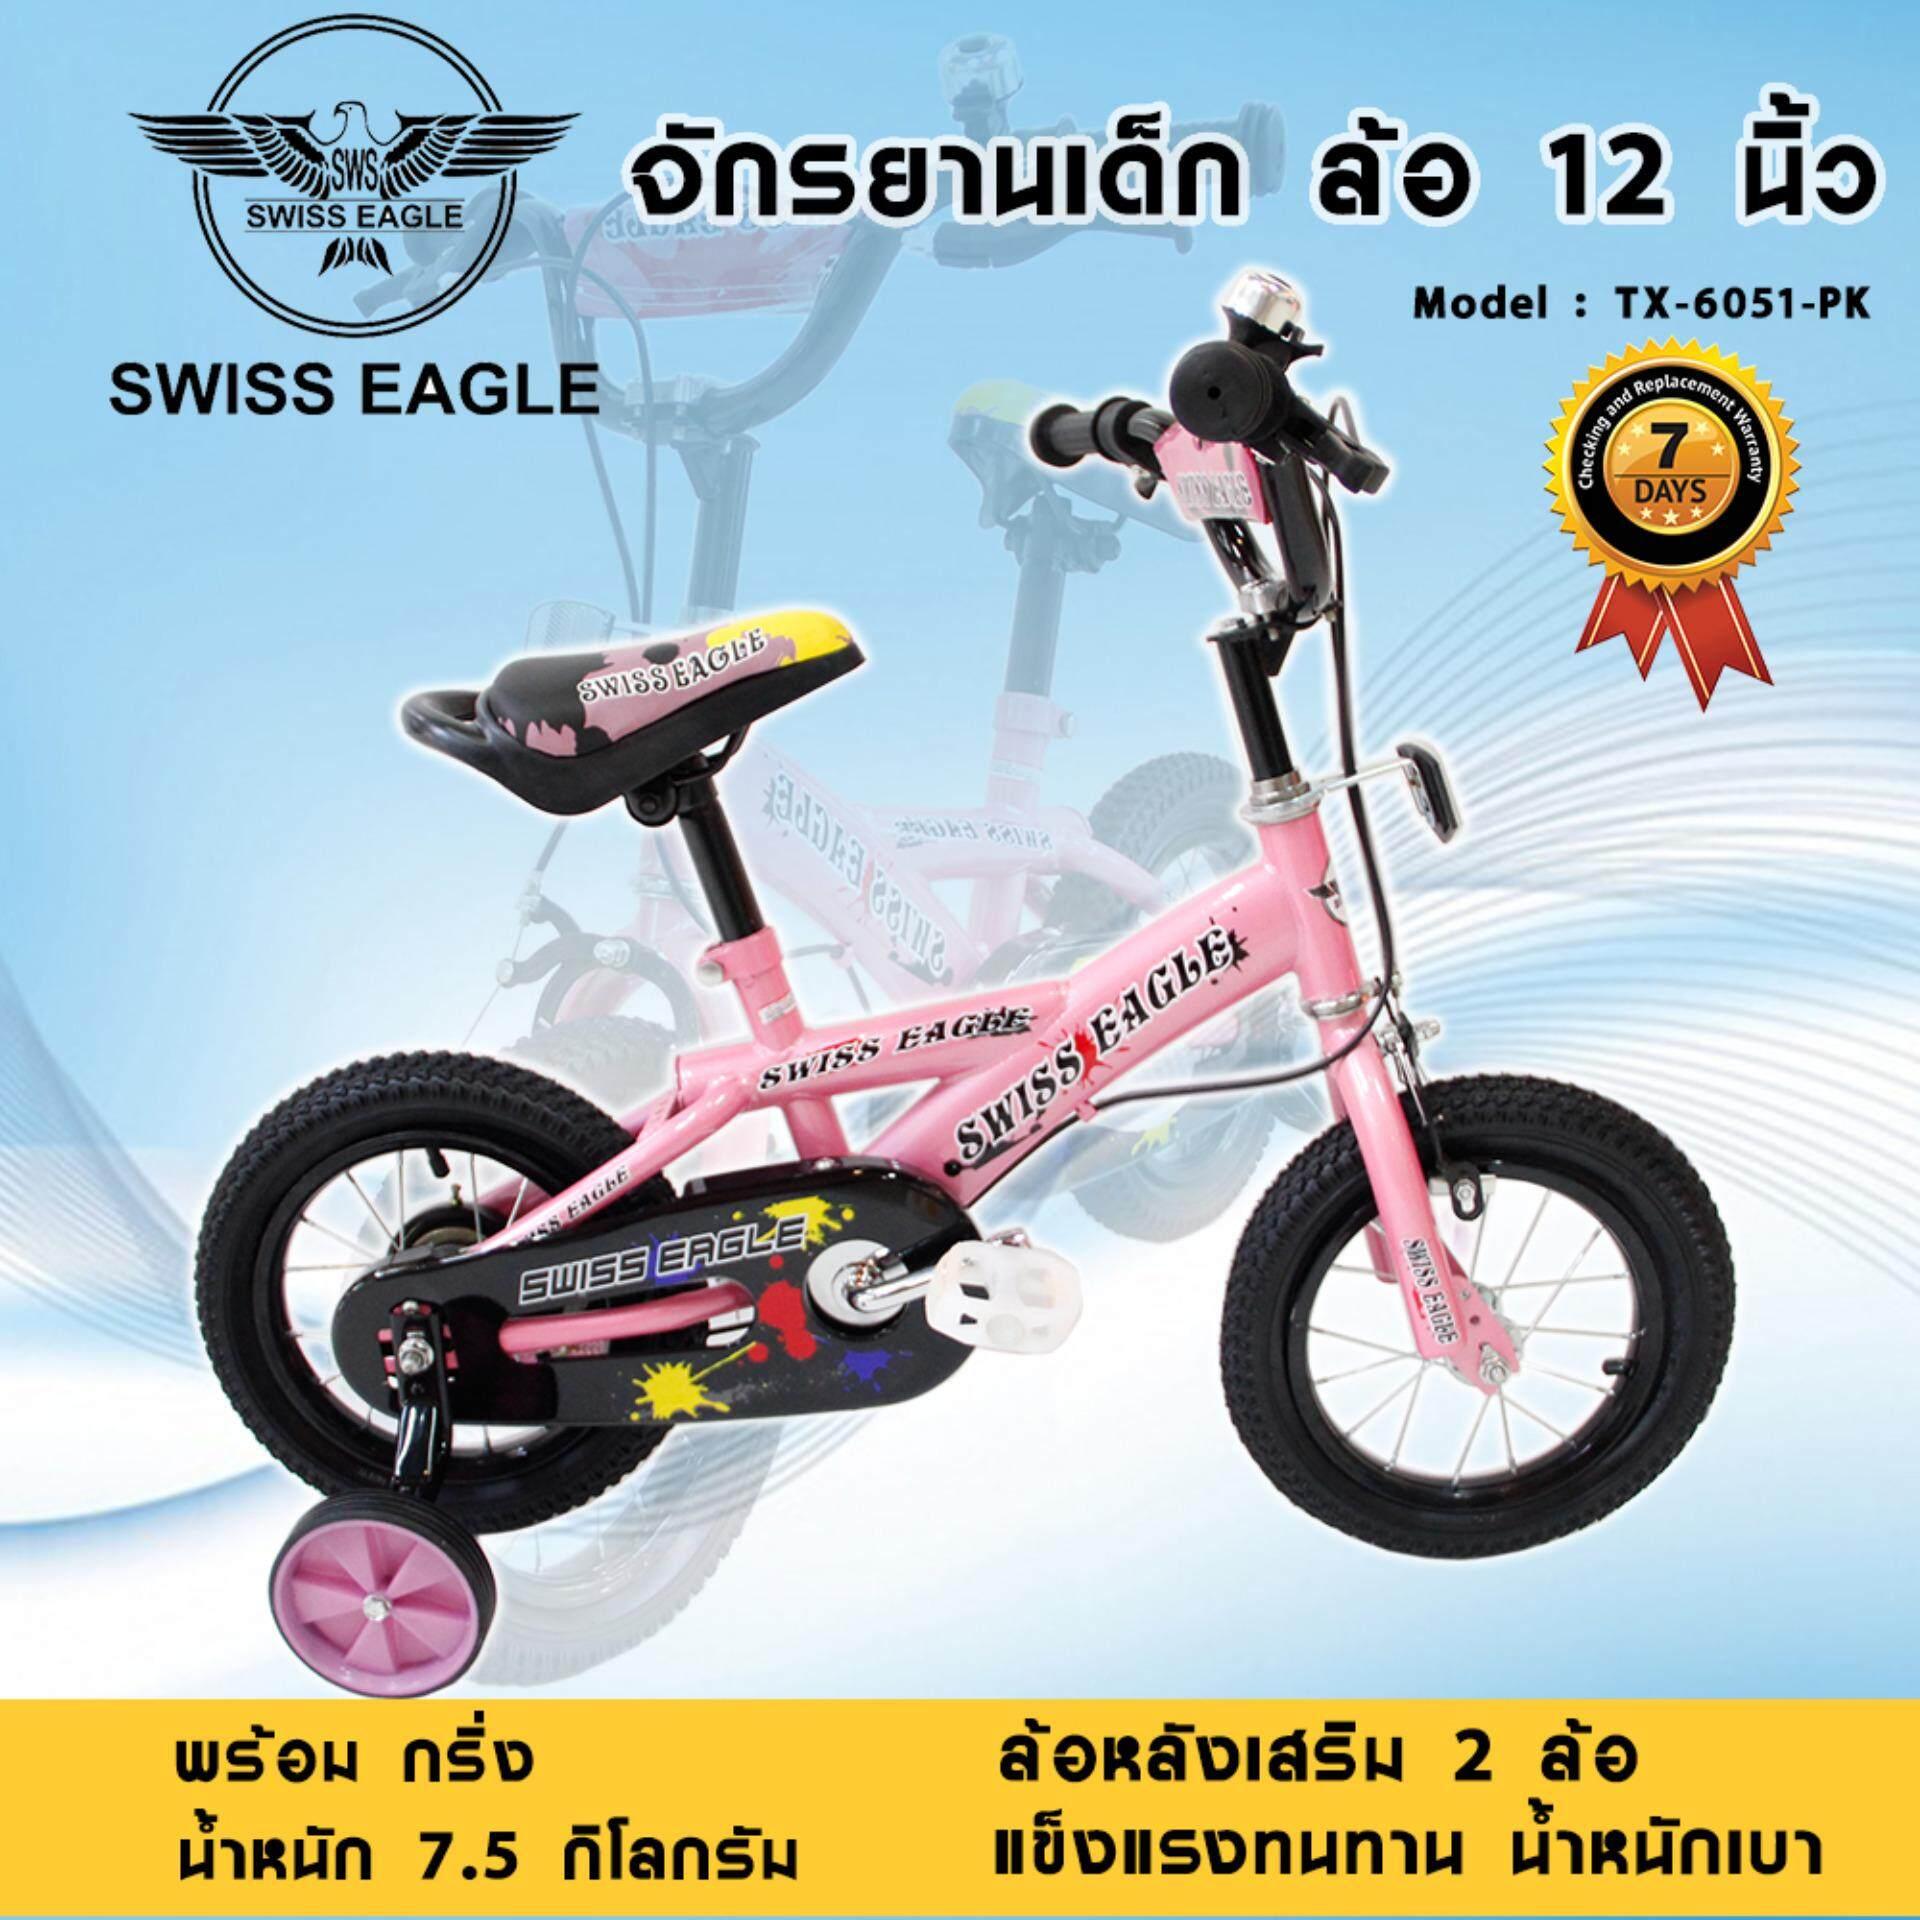 Swiss Eagle จักรยานเด็ก ล้อ 12 นิ้ว รุ่น YX-BMX-6051 (สีชมพู) พร้อม ล้อเสริม2ล้อหลัง